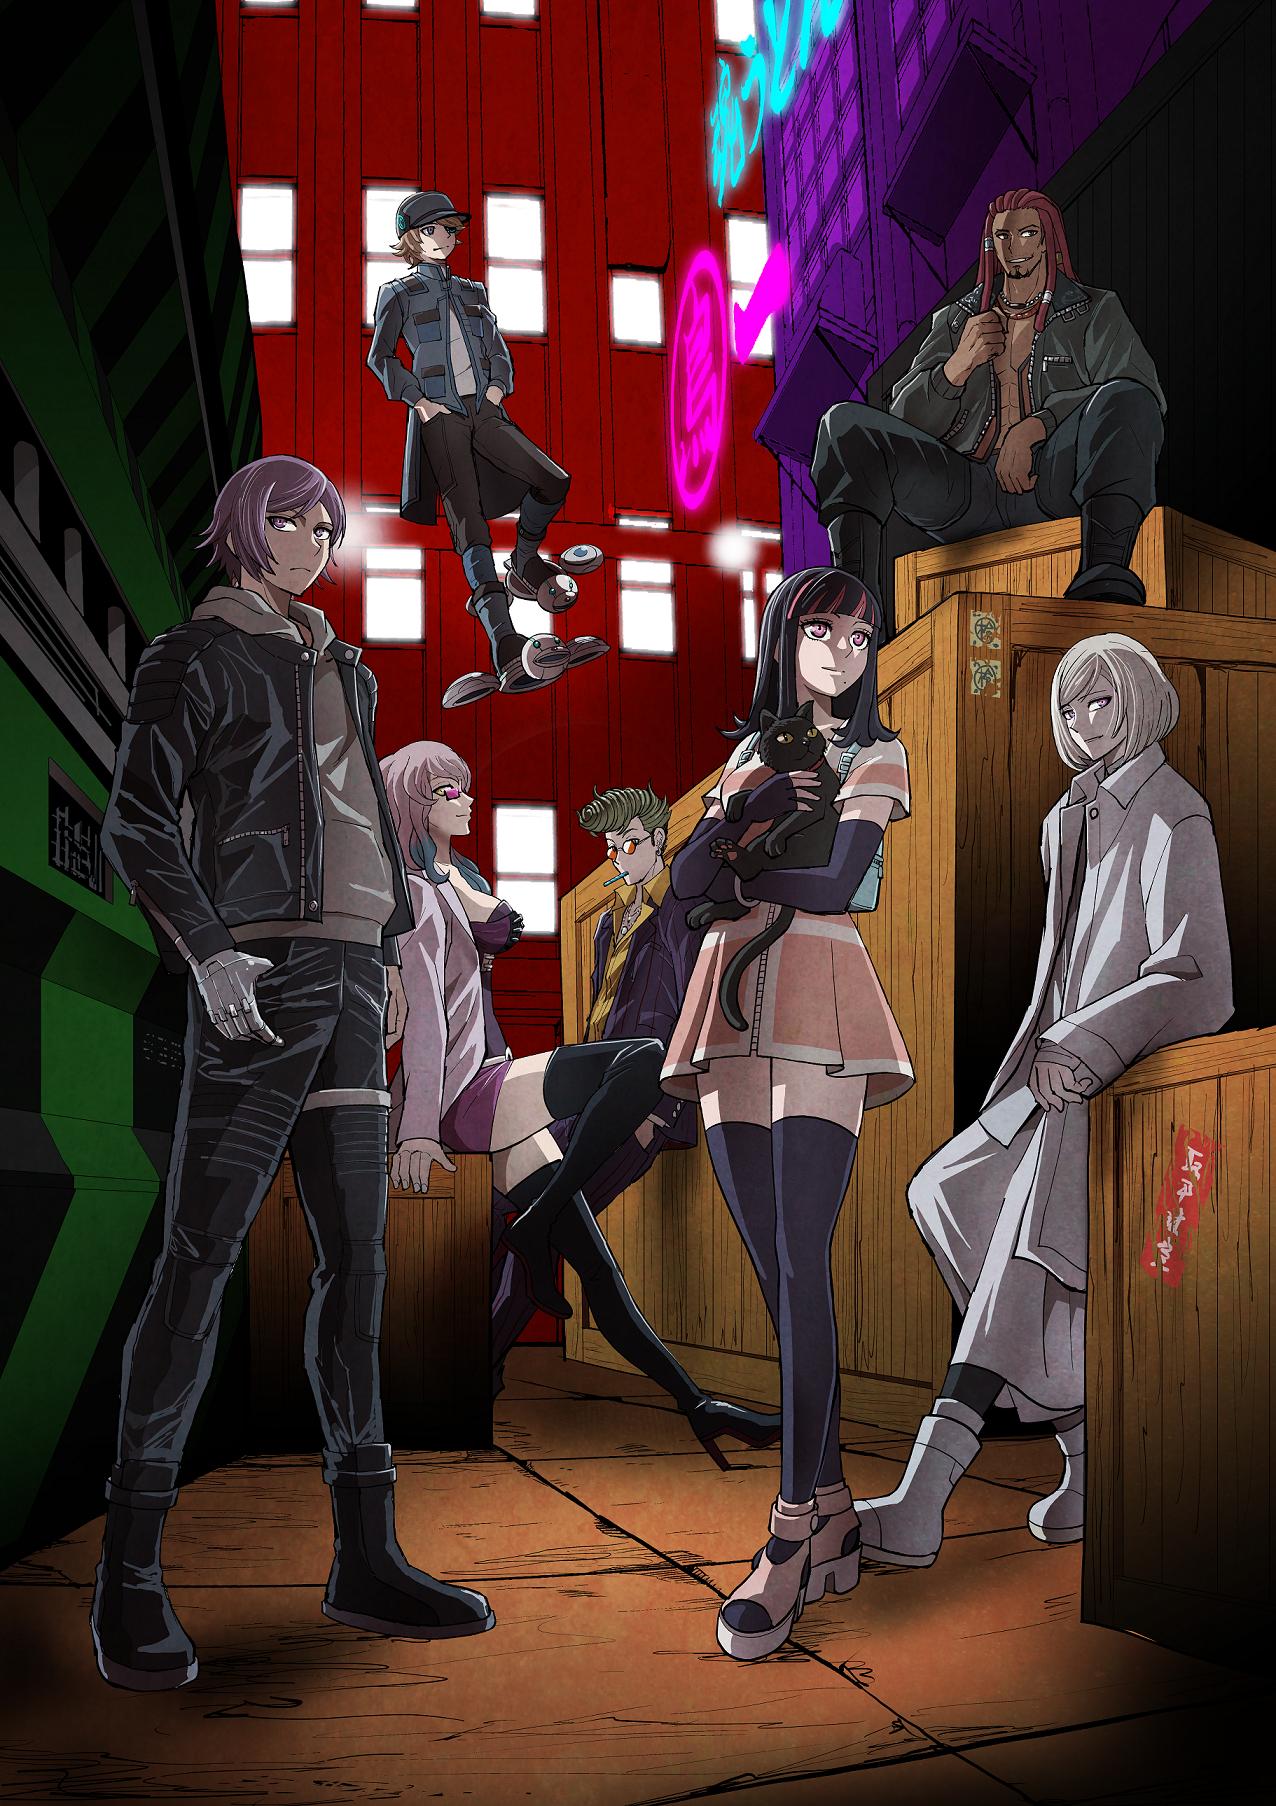 オリジナルアニメ『アクダマドライブ』のコミカライズ作品「Renta」独占配信決定!